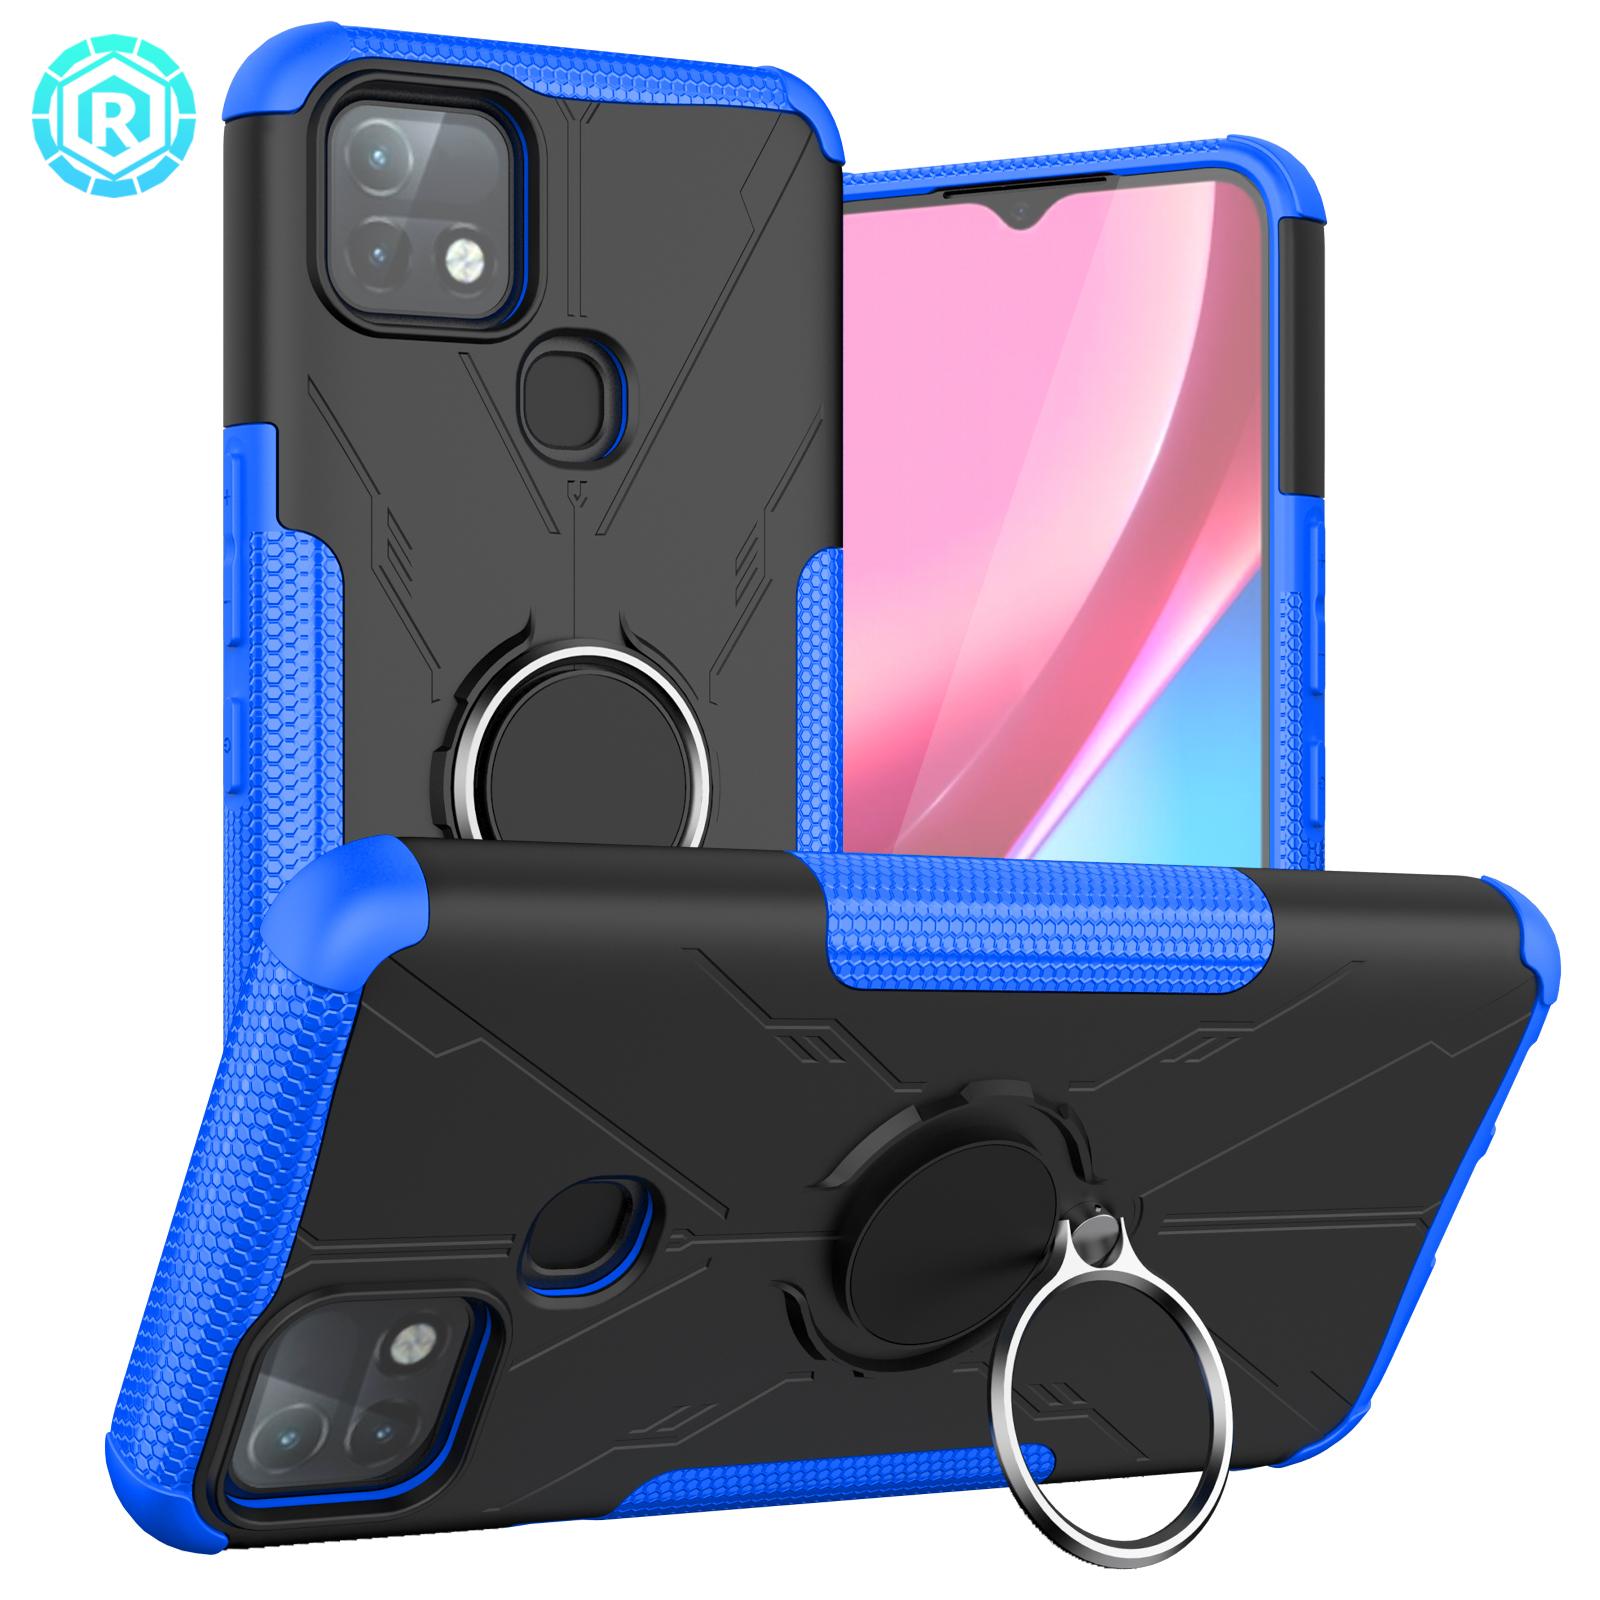 Mecha Phone Case For Infinix Hot 10i